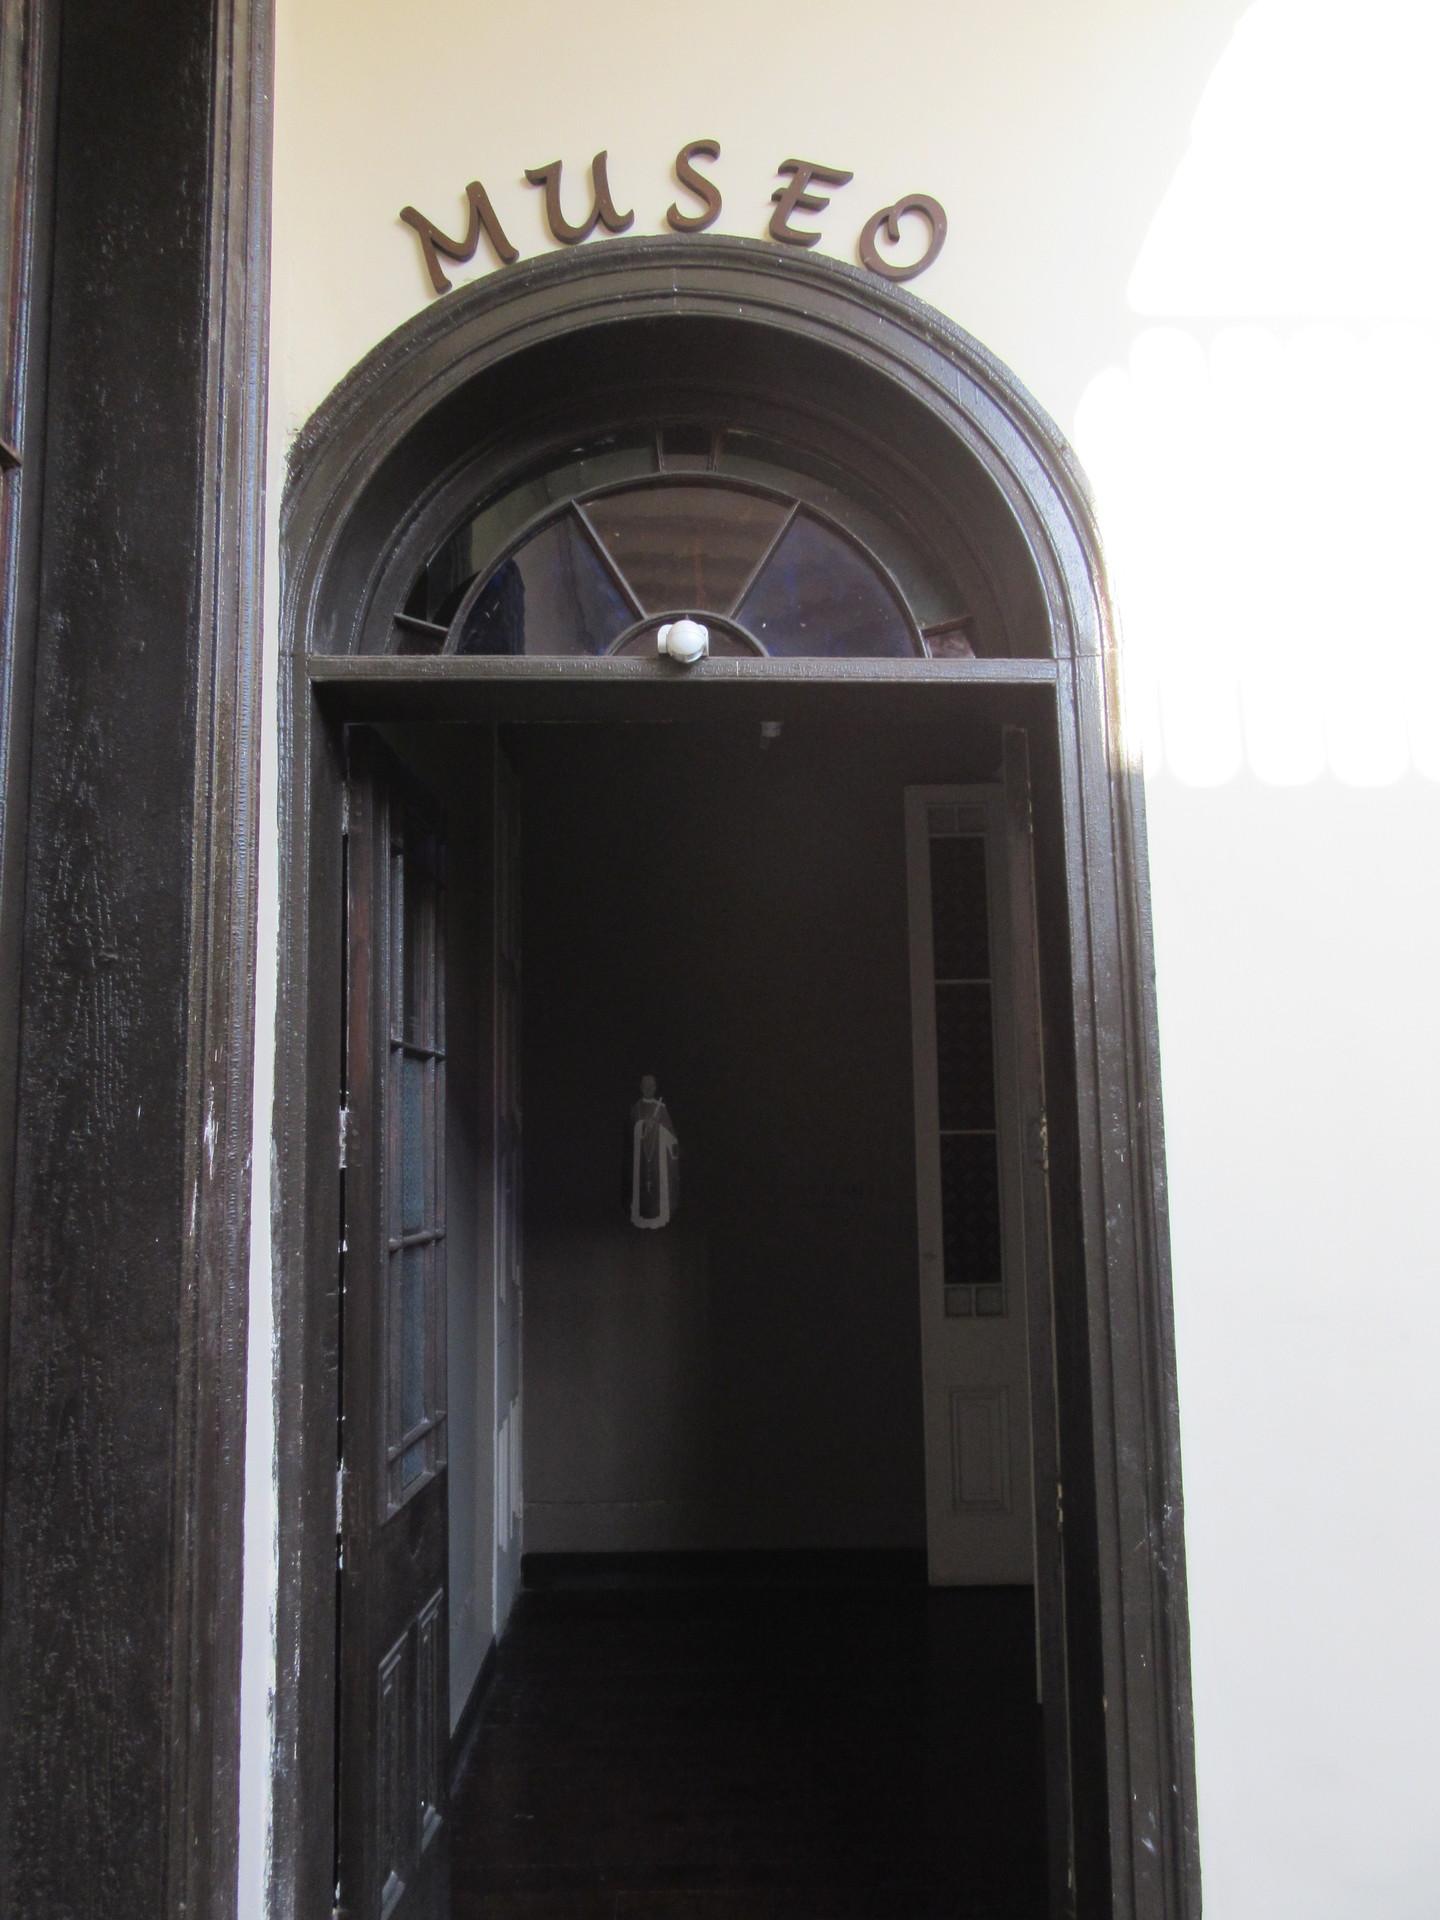 la-casa-santo-mulato-lima-df24034e9a2671